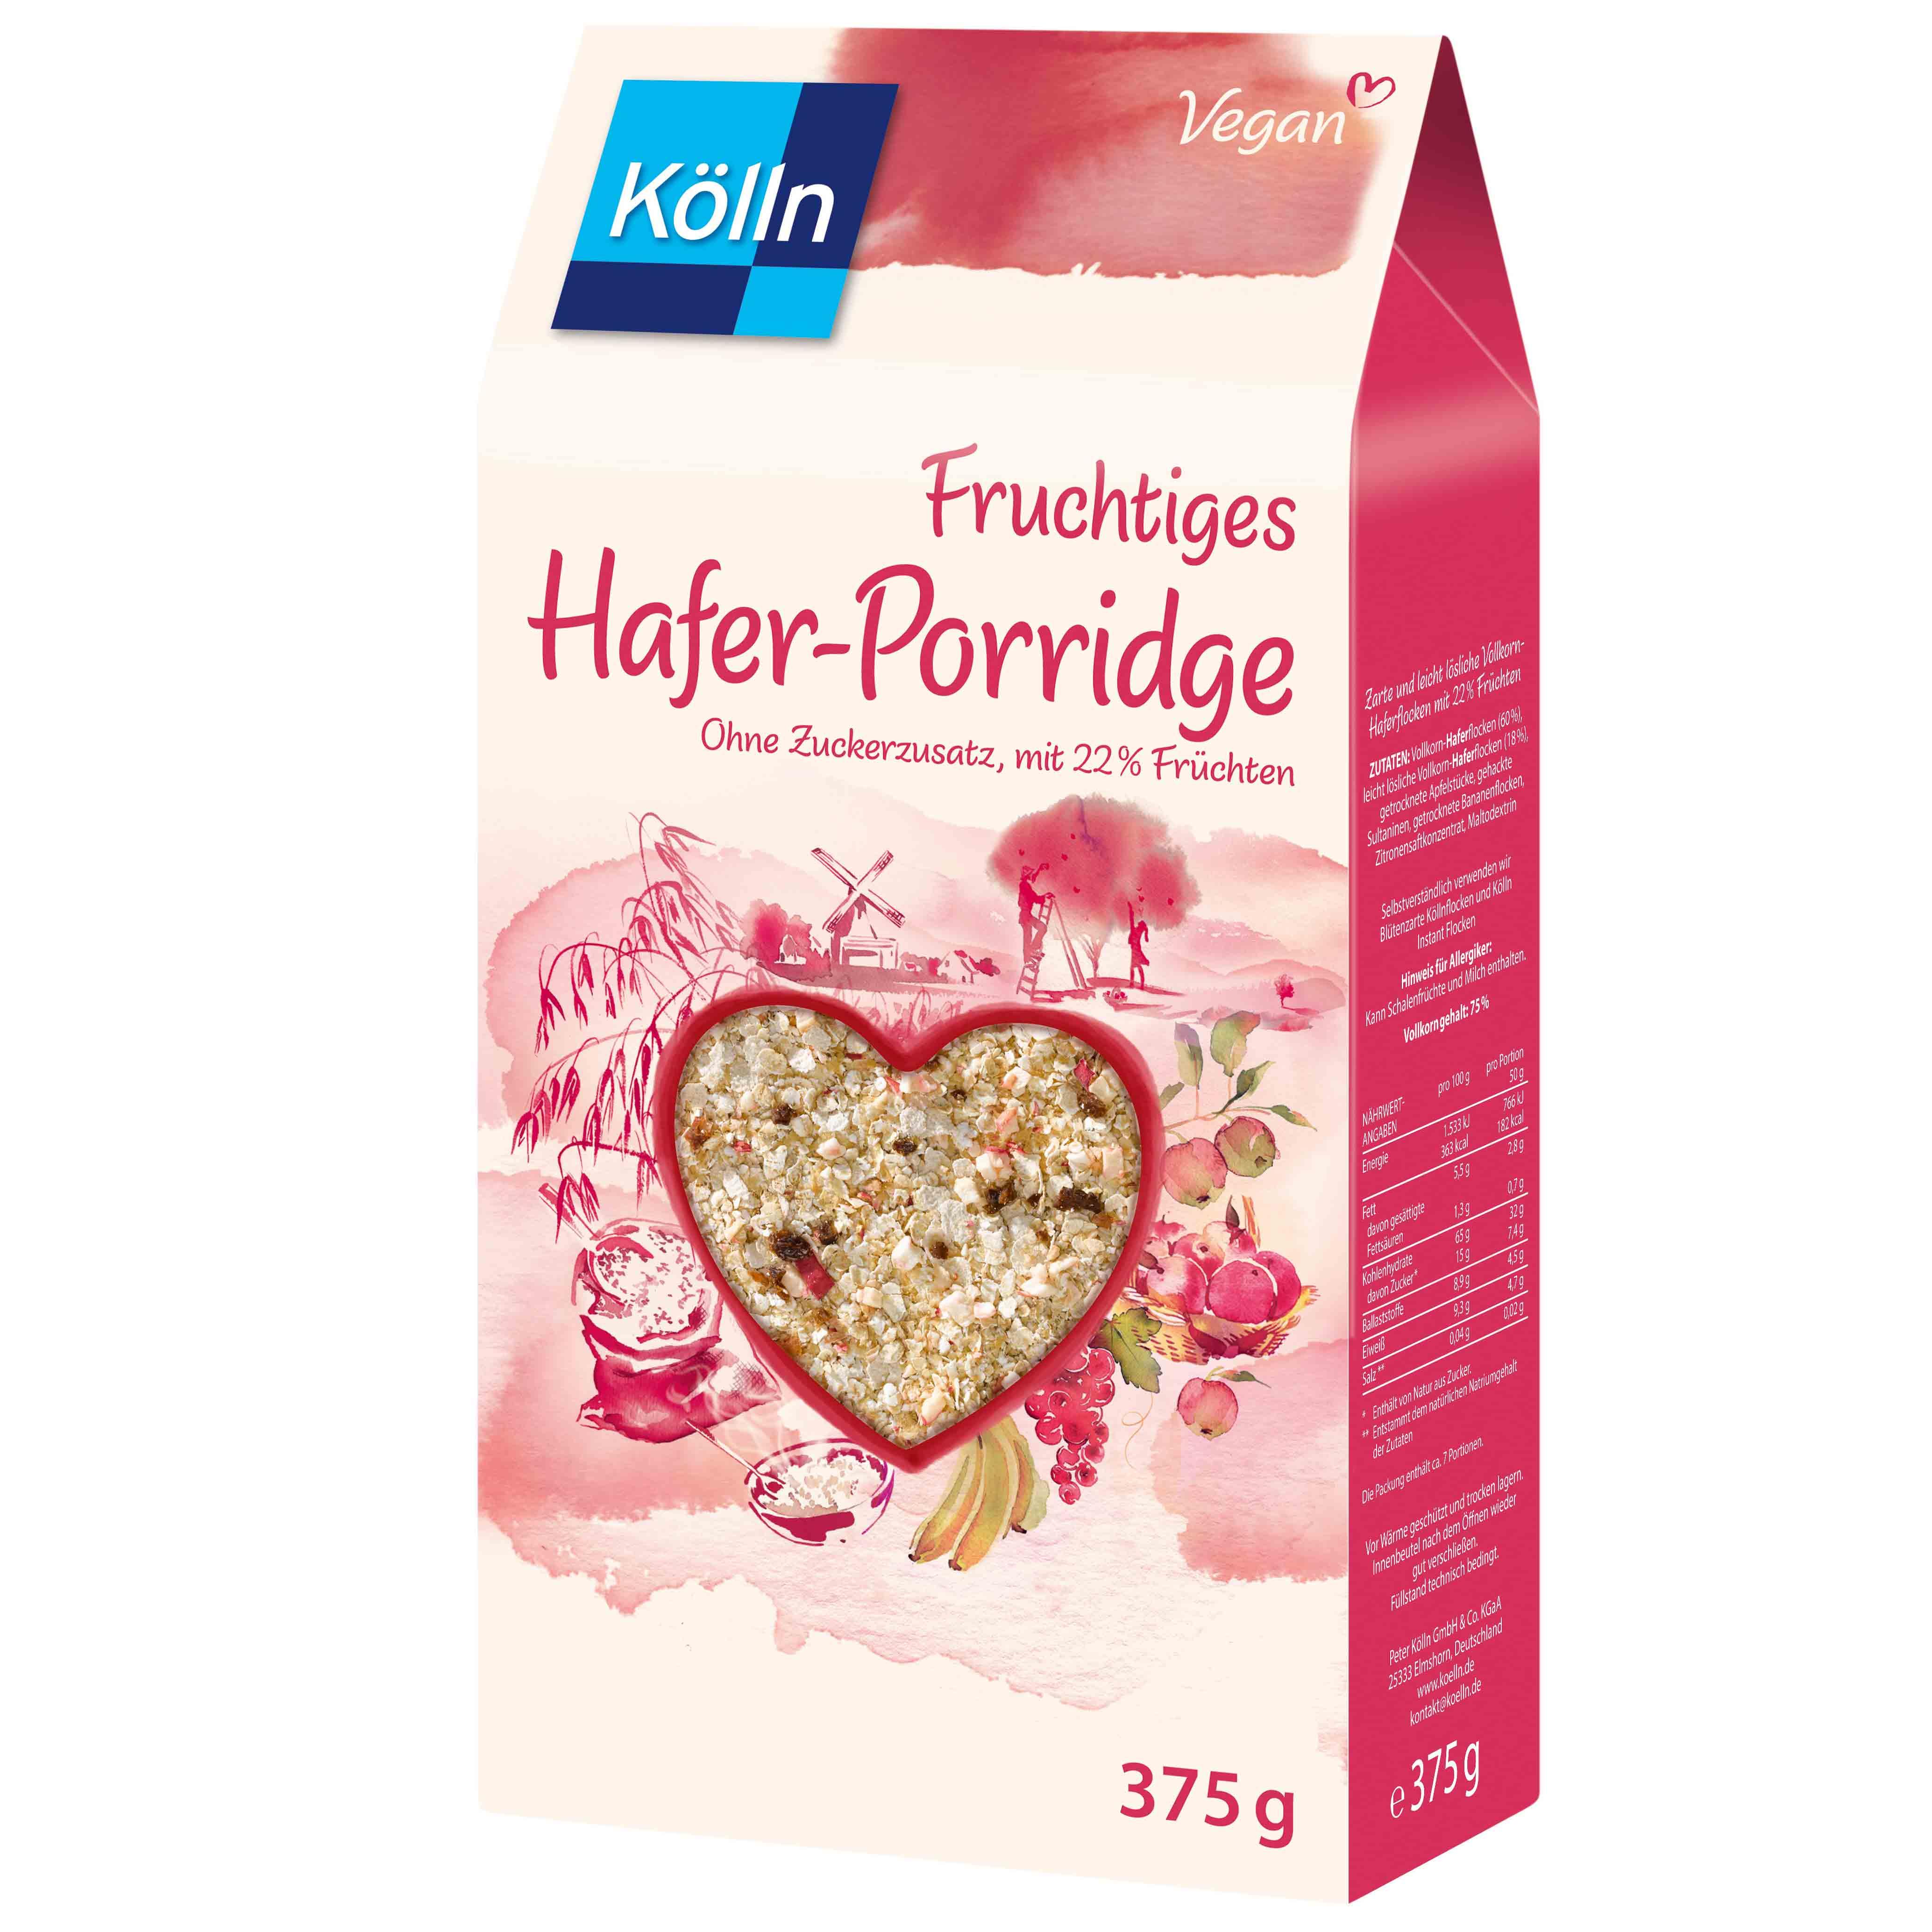 Atemberaubend Kölln Fruchtiges Hafer-Porridge 375g   Online kaufen im World of &BV_55